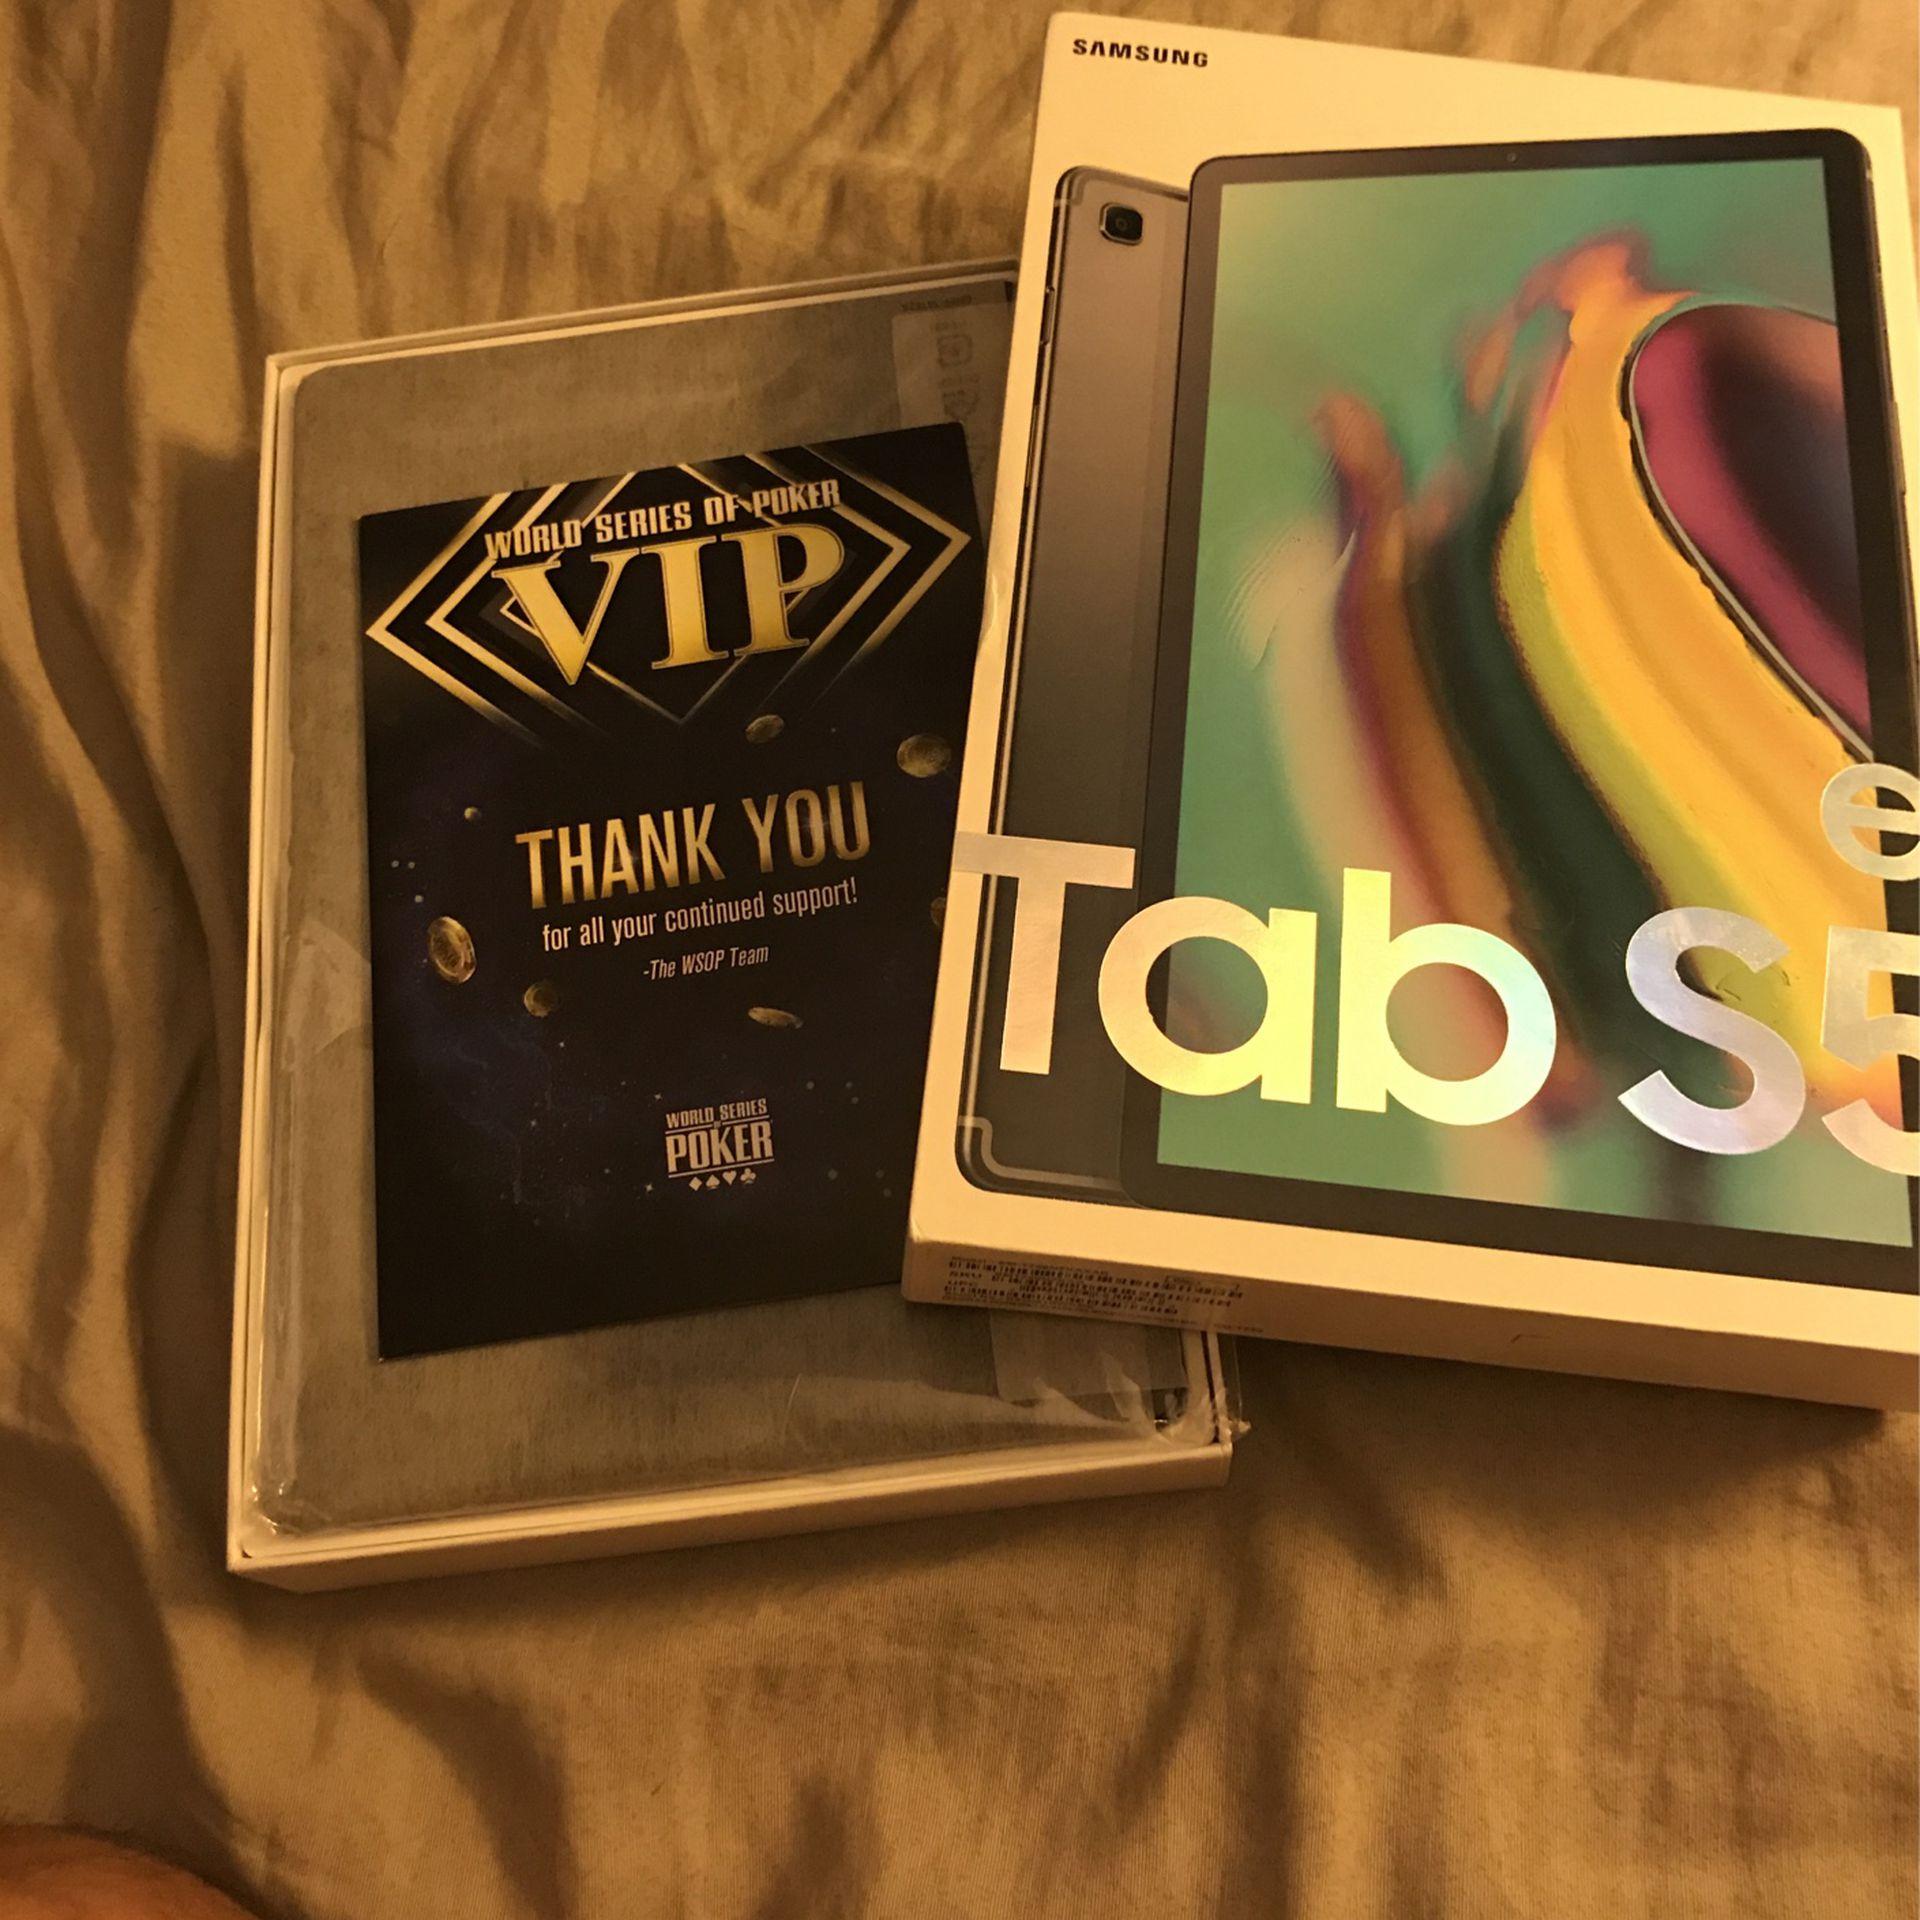 Galaxy Tablet S5e